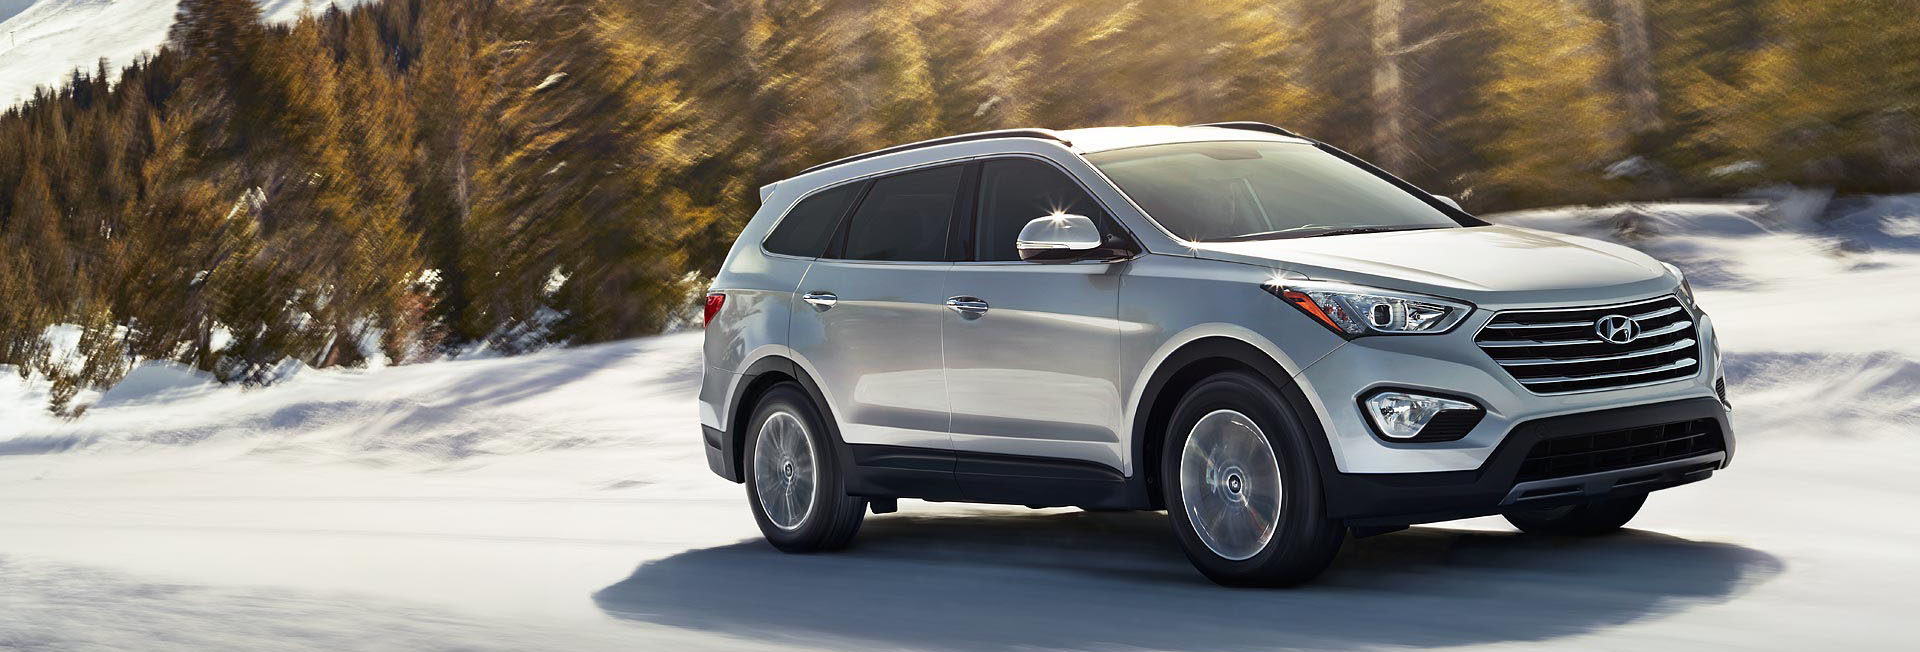 Sneeuwkettingen voor de Hyundai Santa FE